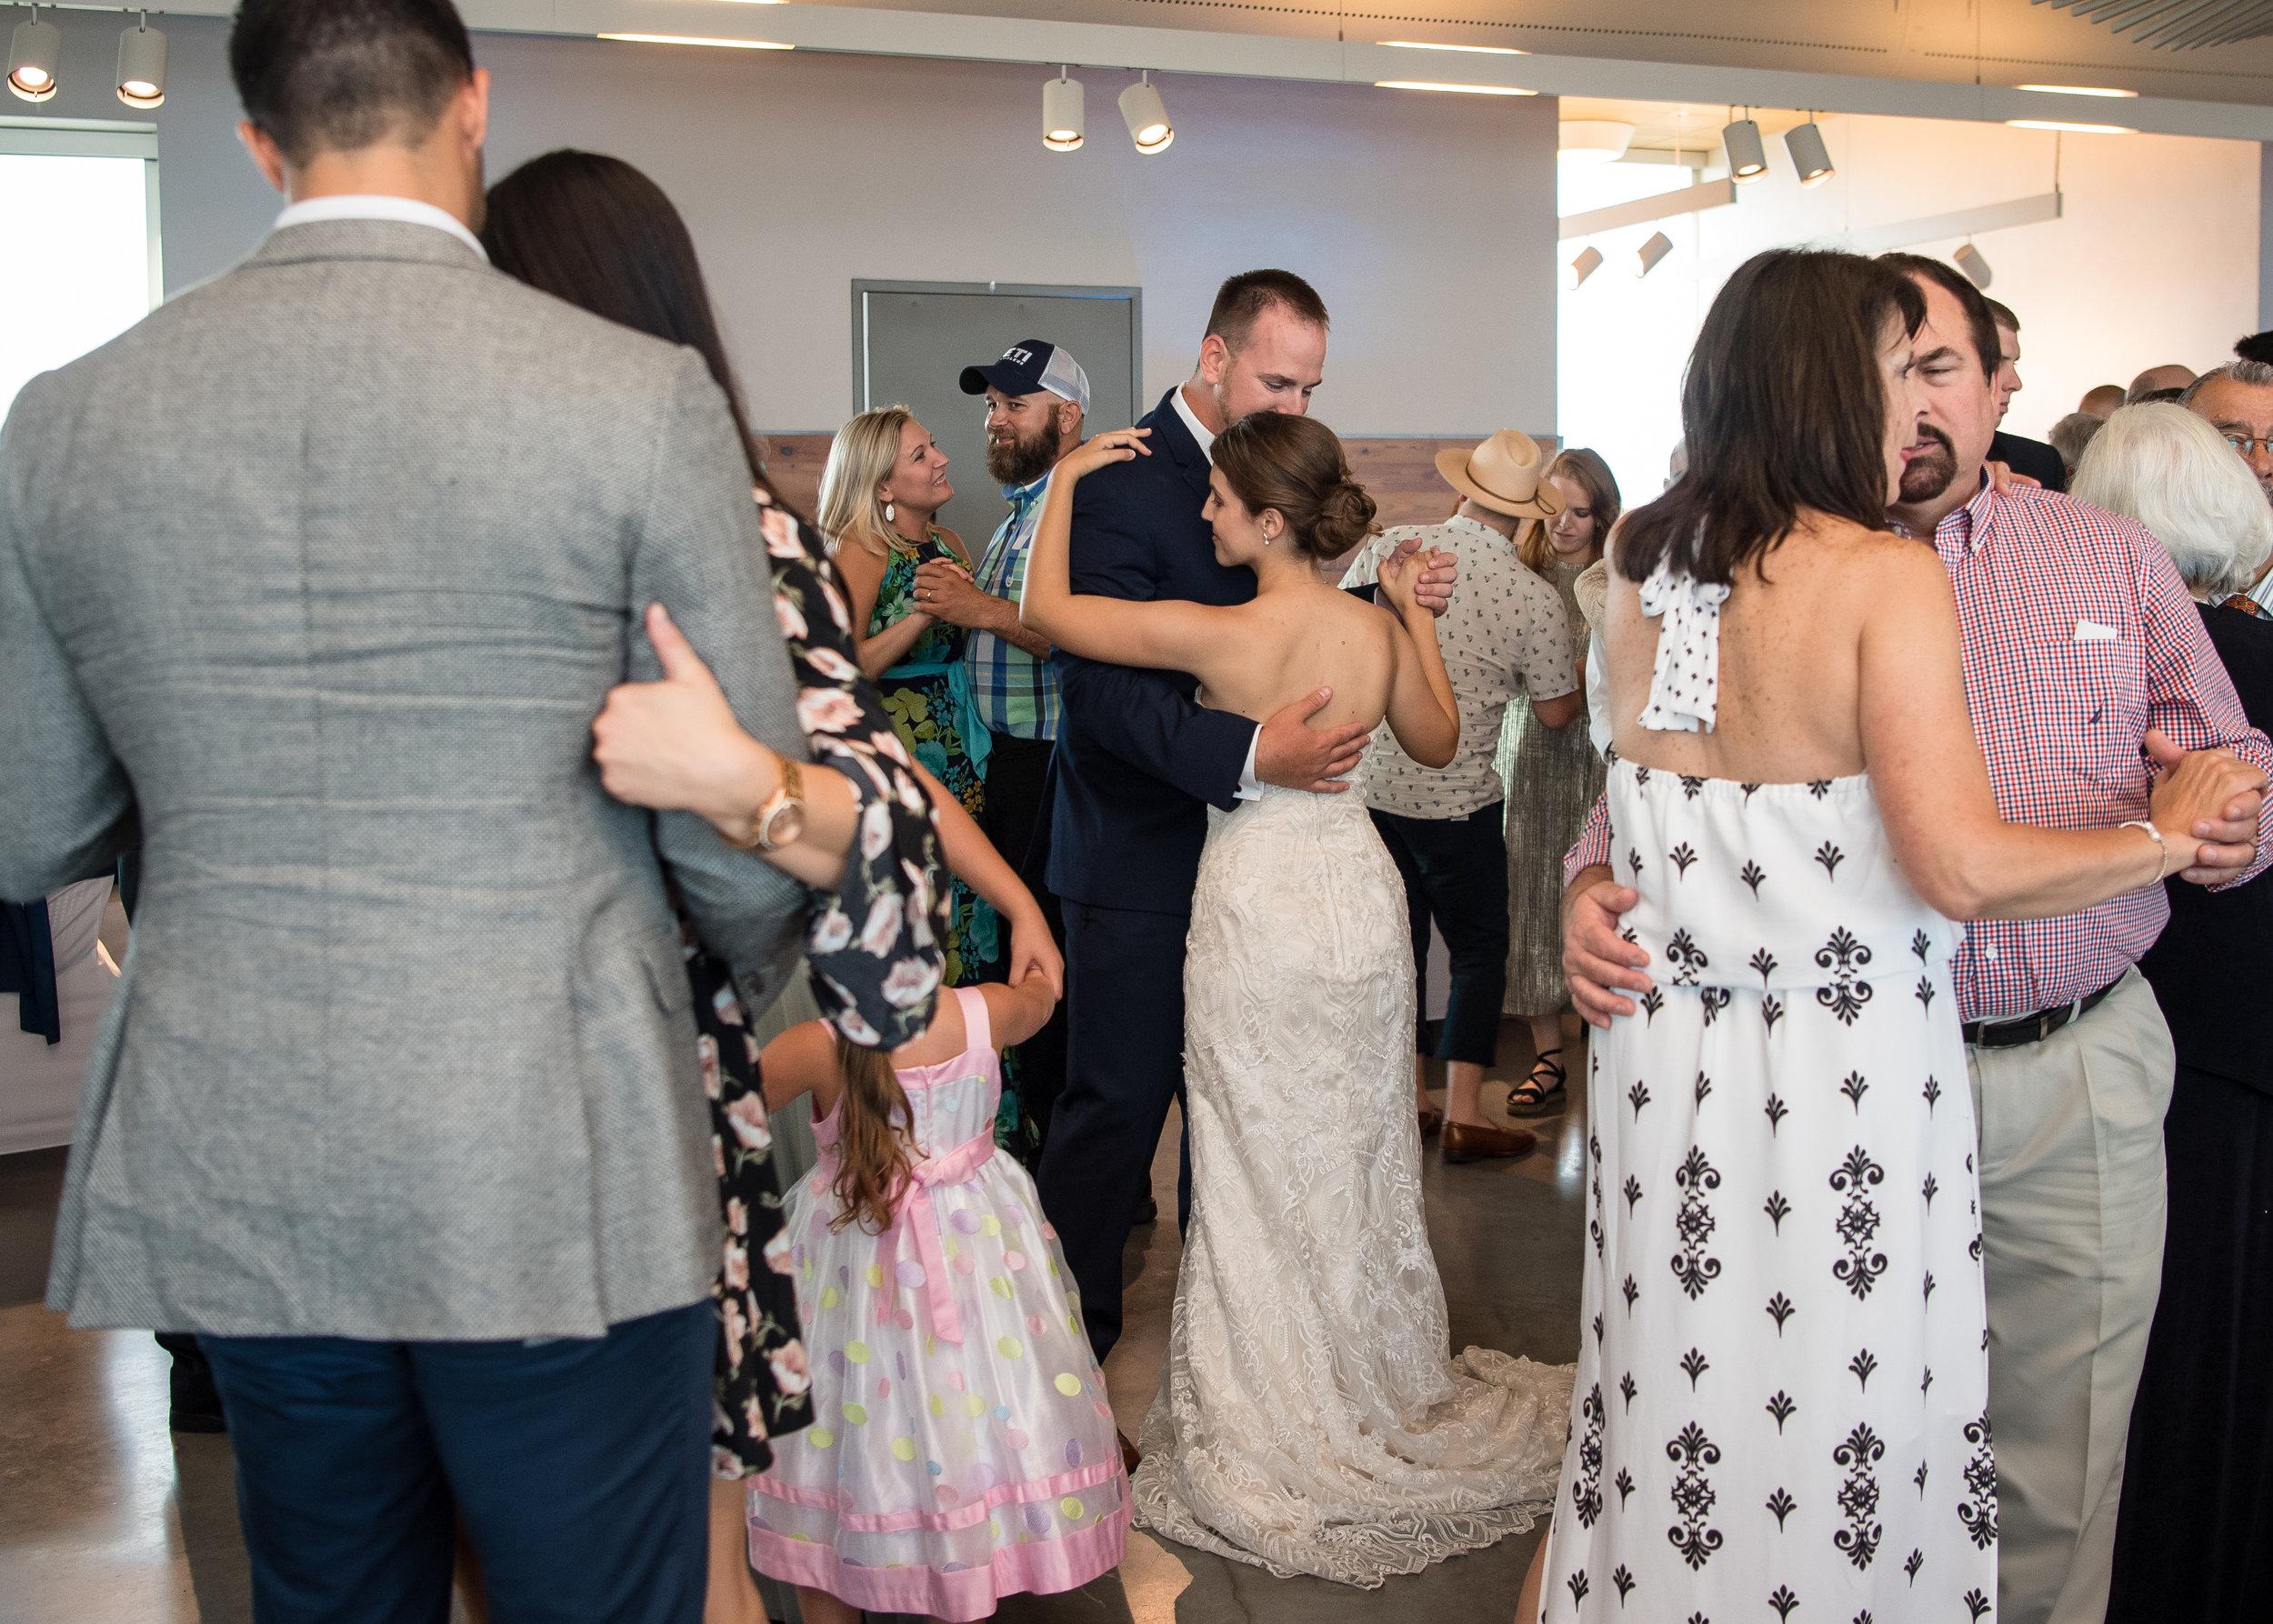 More Wedding Reception Dancing